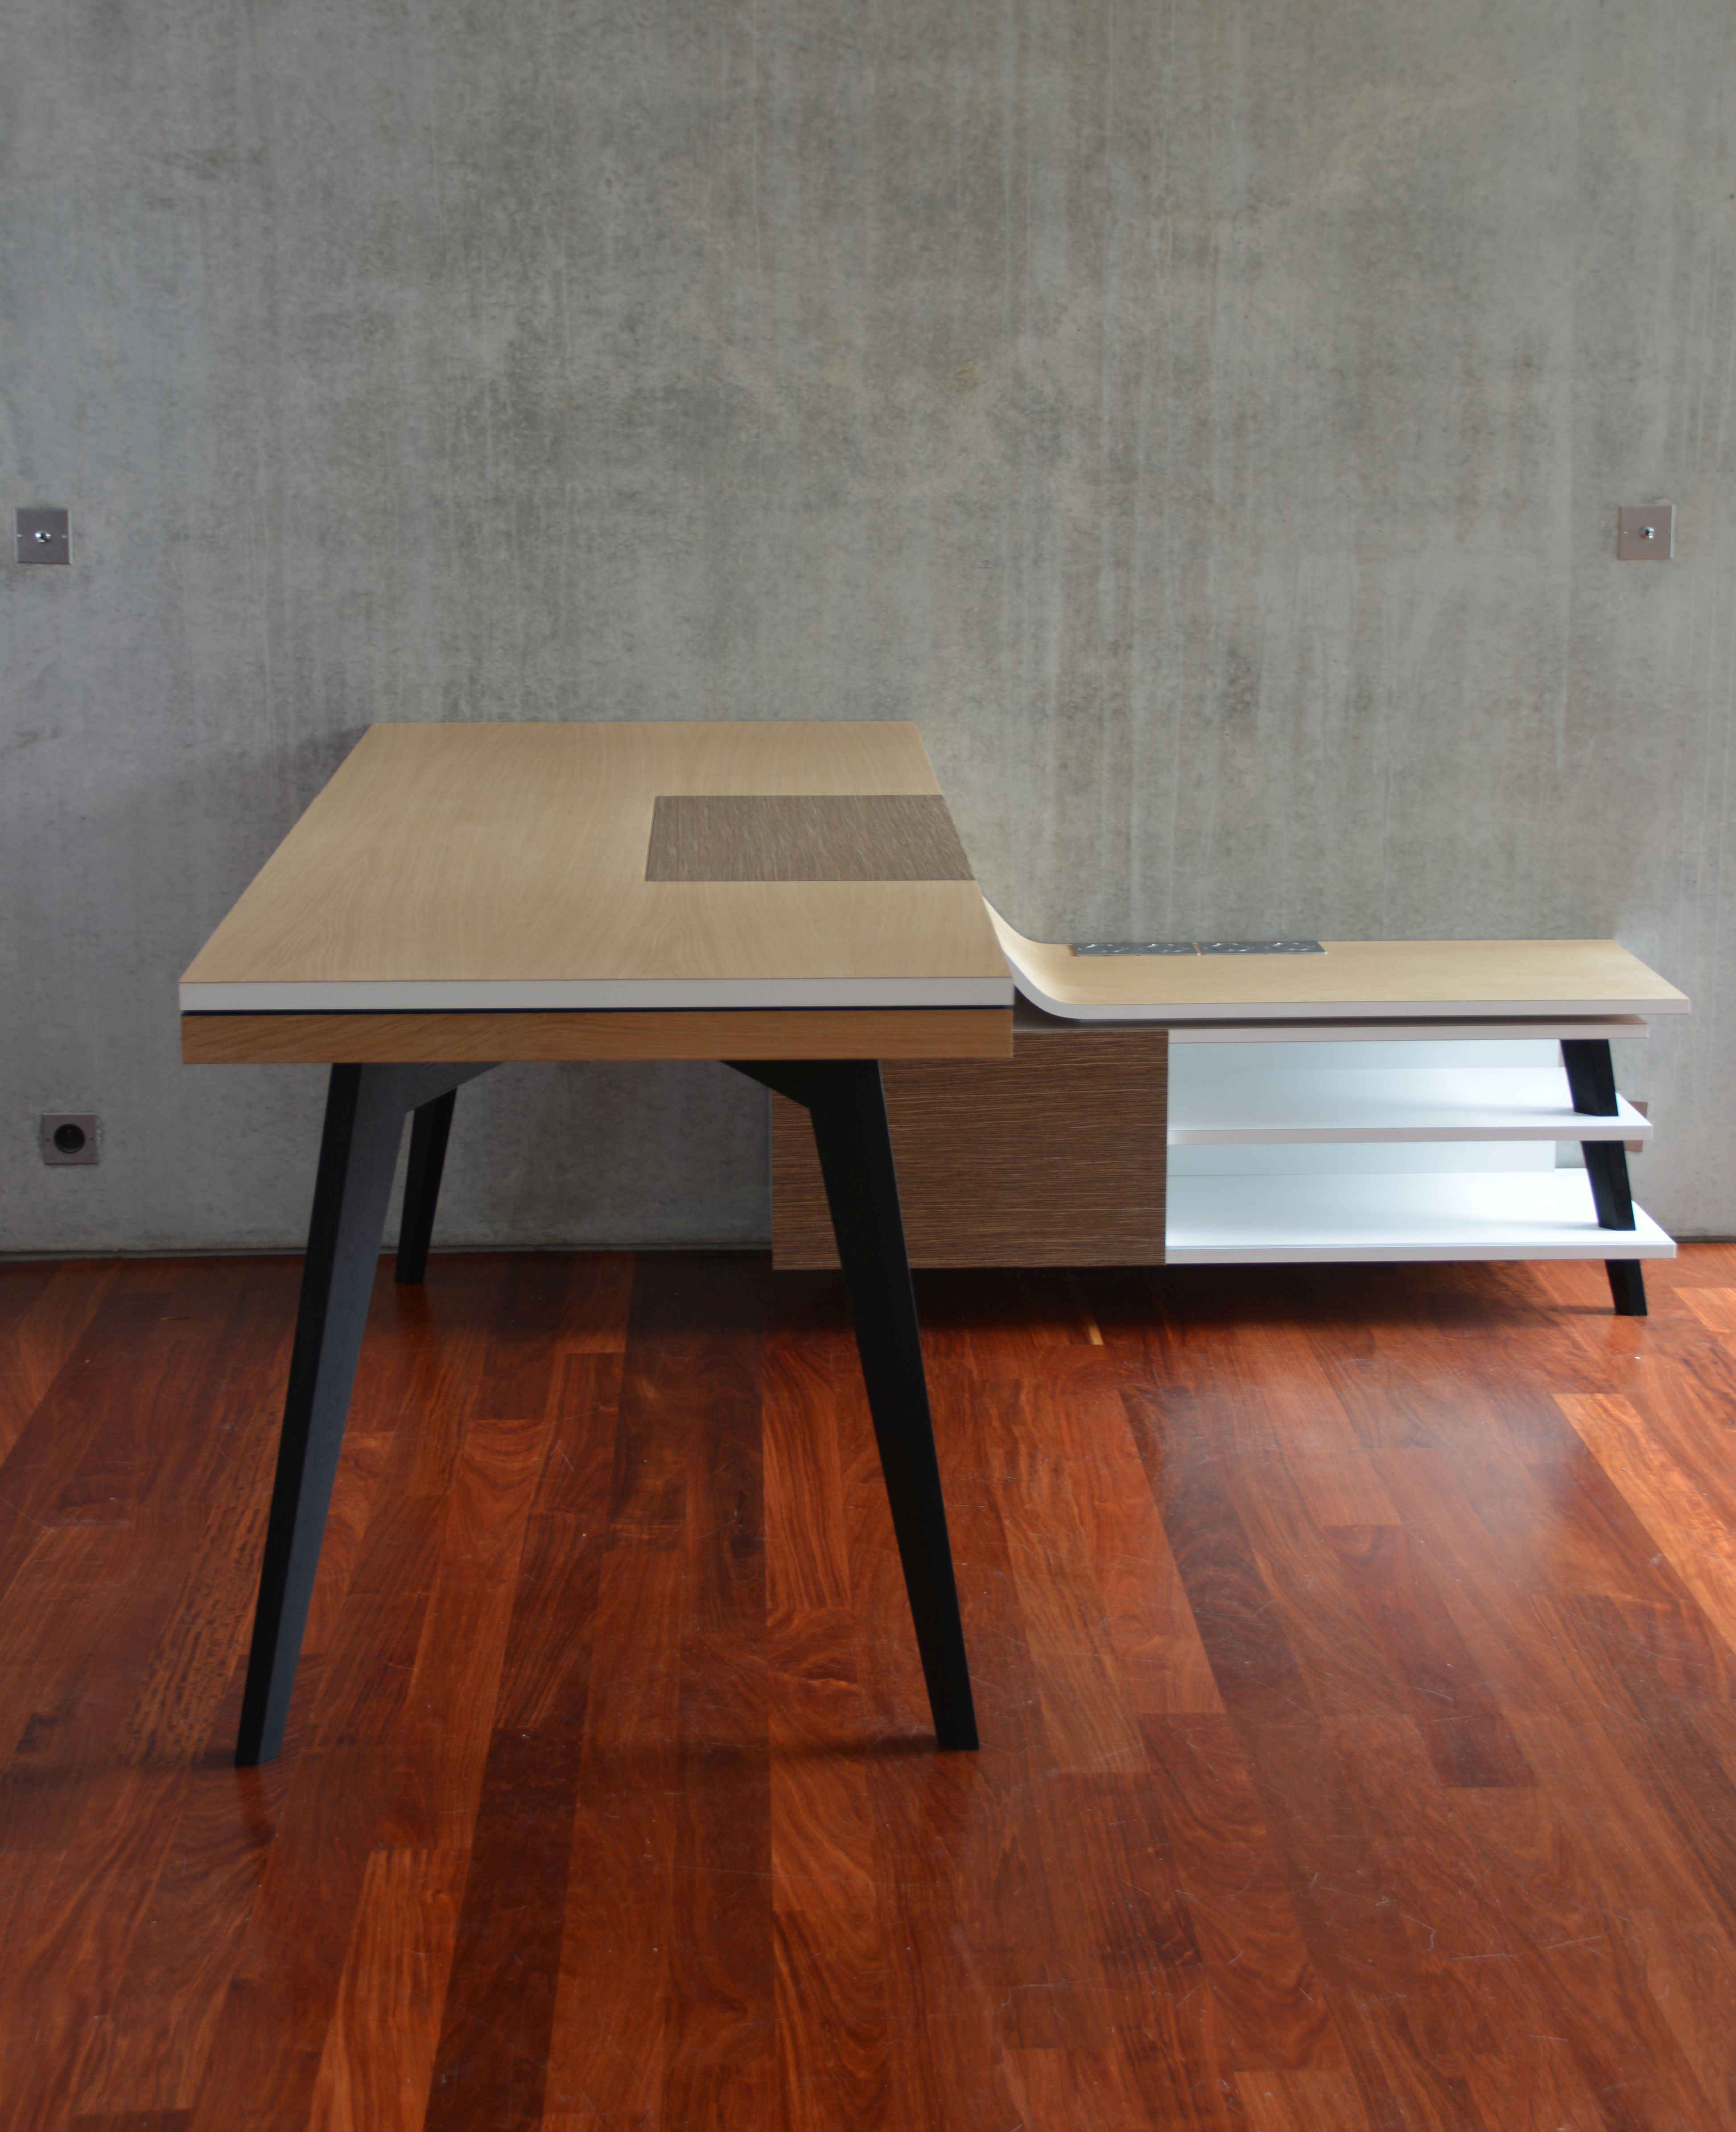 grand bureau bois 28 images grand bureau vintage avec tiroirs en bois teck grand bureau d. Black Bedroom Furniture Sets. Home Design Ideas